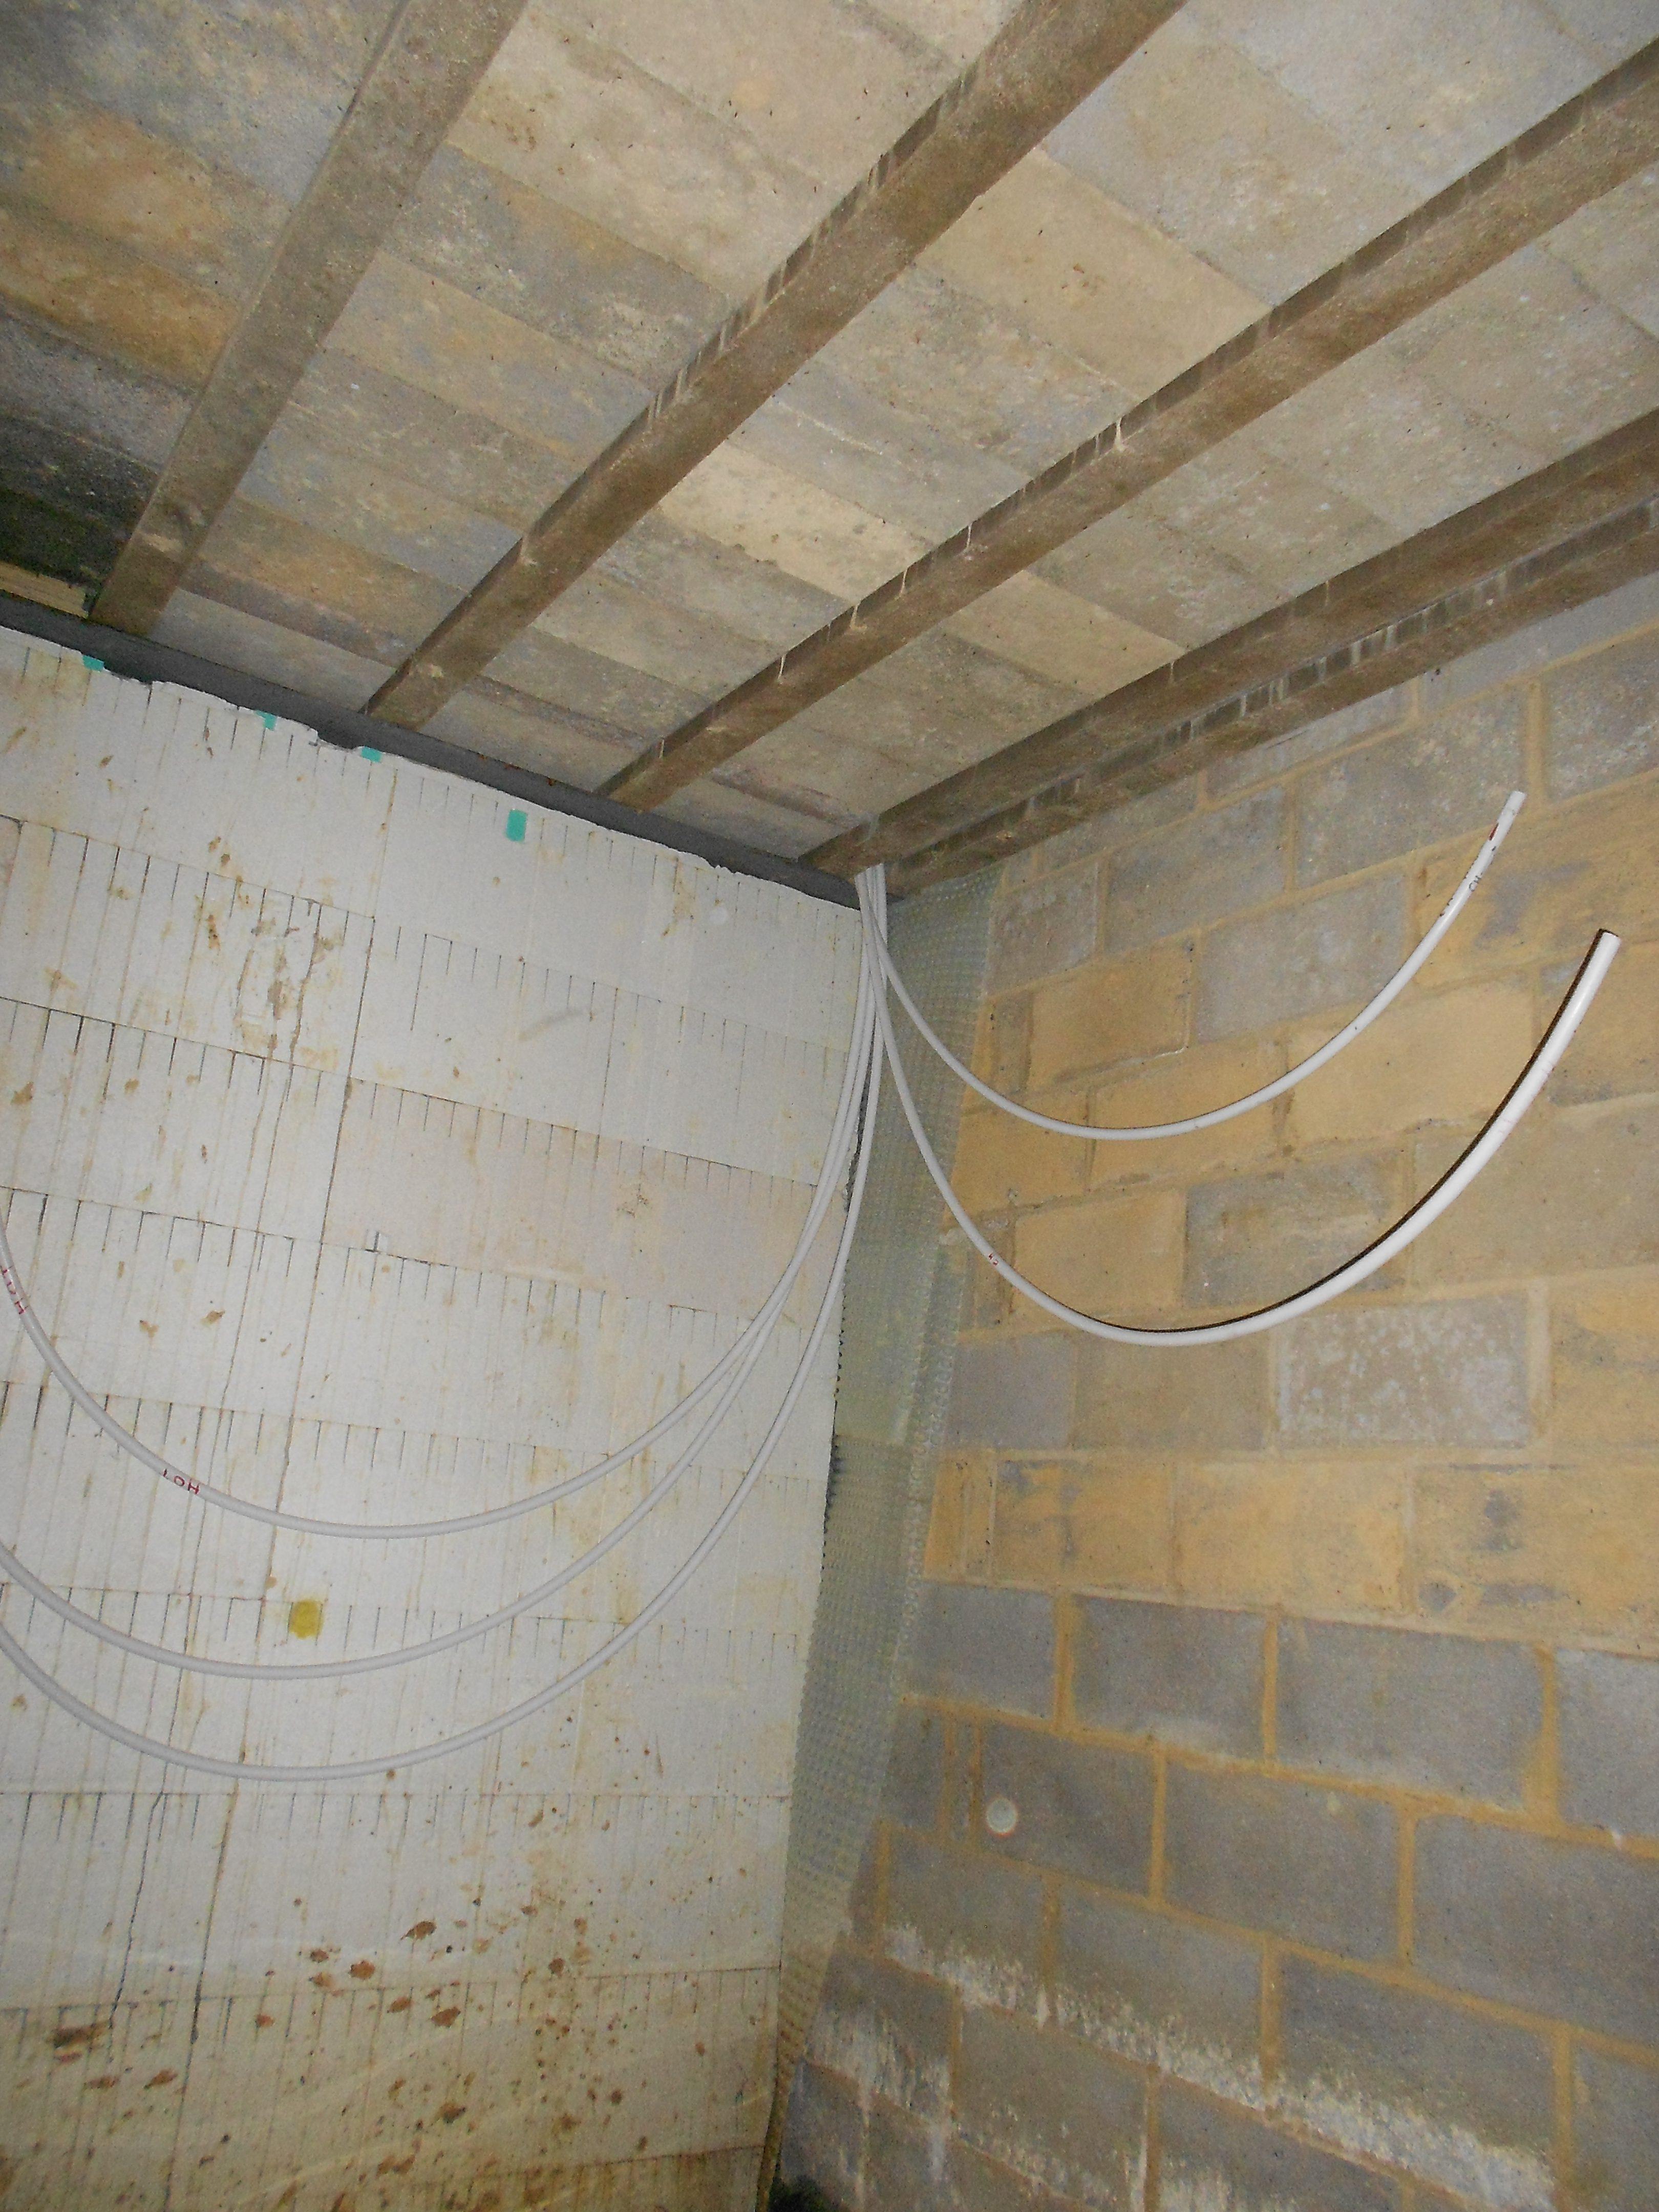 Water leaking through ICF blocks